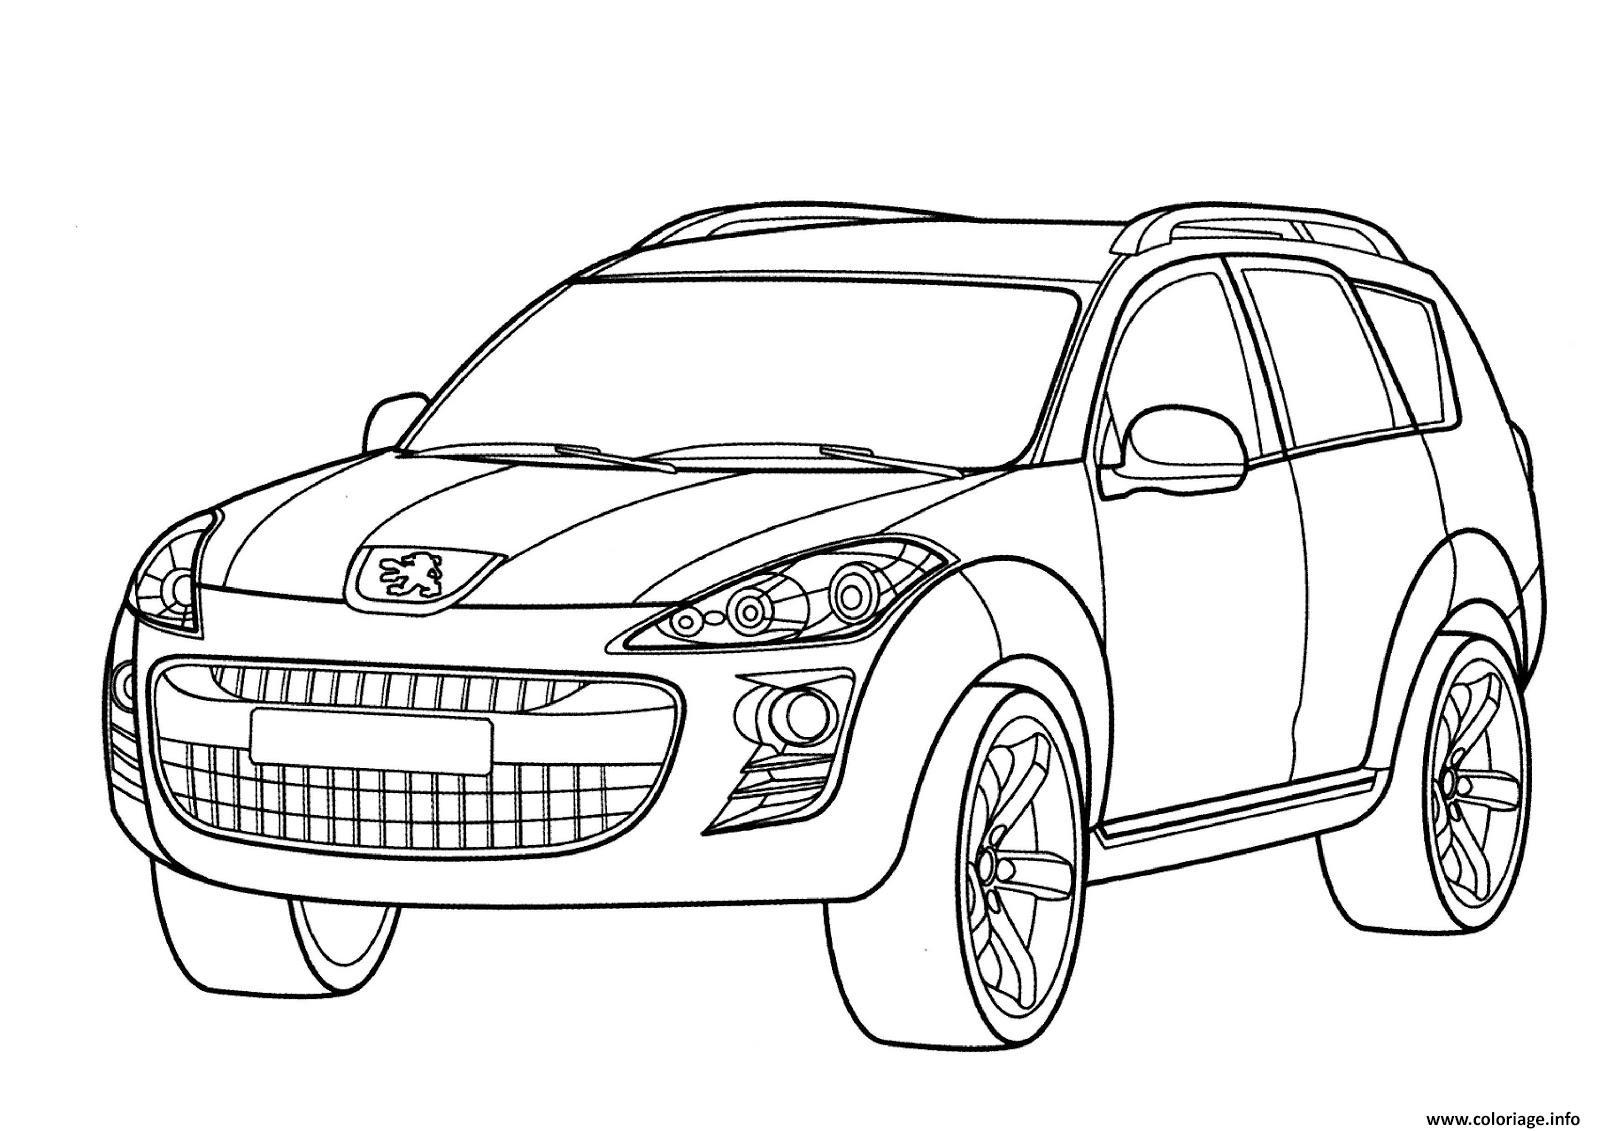 Coloriage Adulte Voiture.Coloriage Voiture Peugeot 9 Dessin